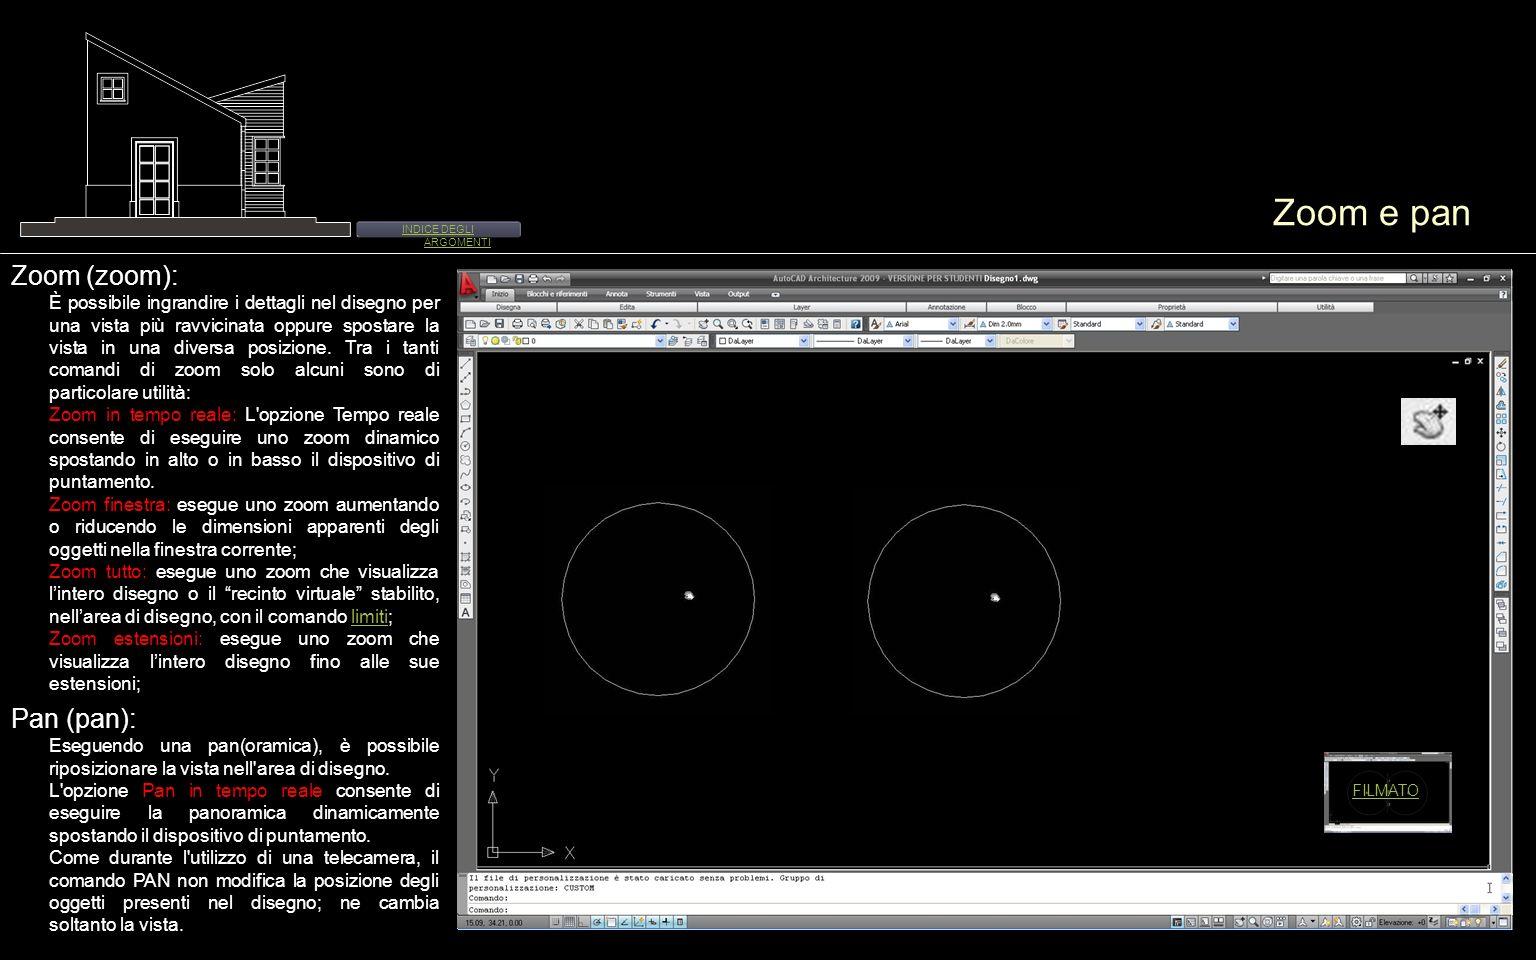 Zoom e pan Zoom (zoom): È possibile ingrandire i dettagli nel disegno per una vista più ravvicinata oppure spostare la vista in una diversa posizione.